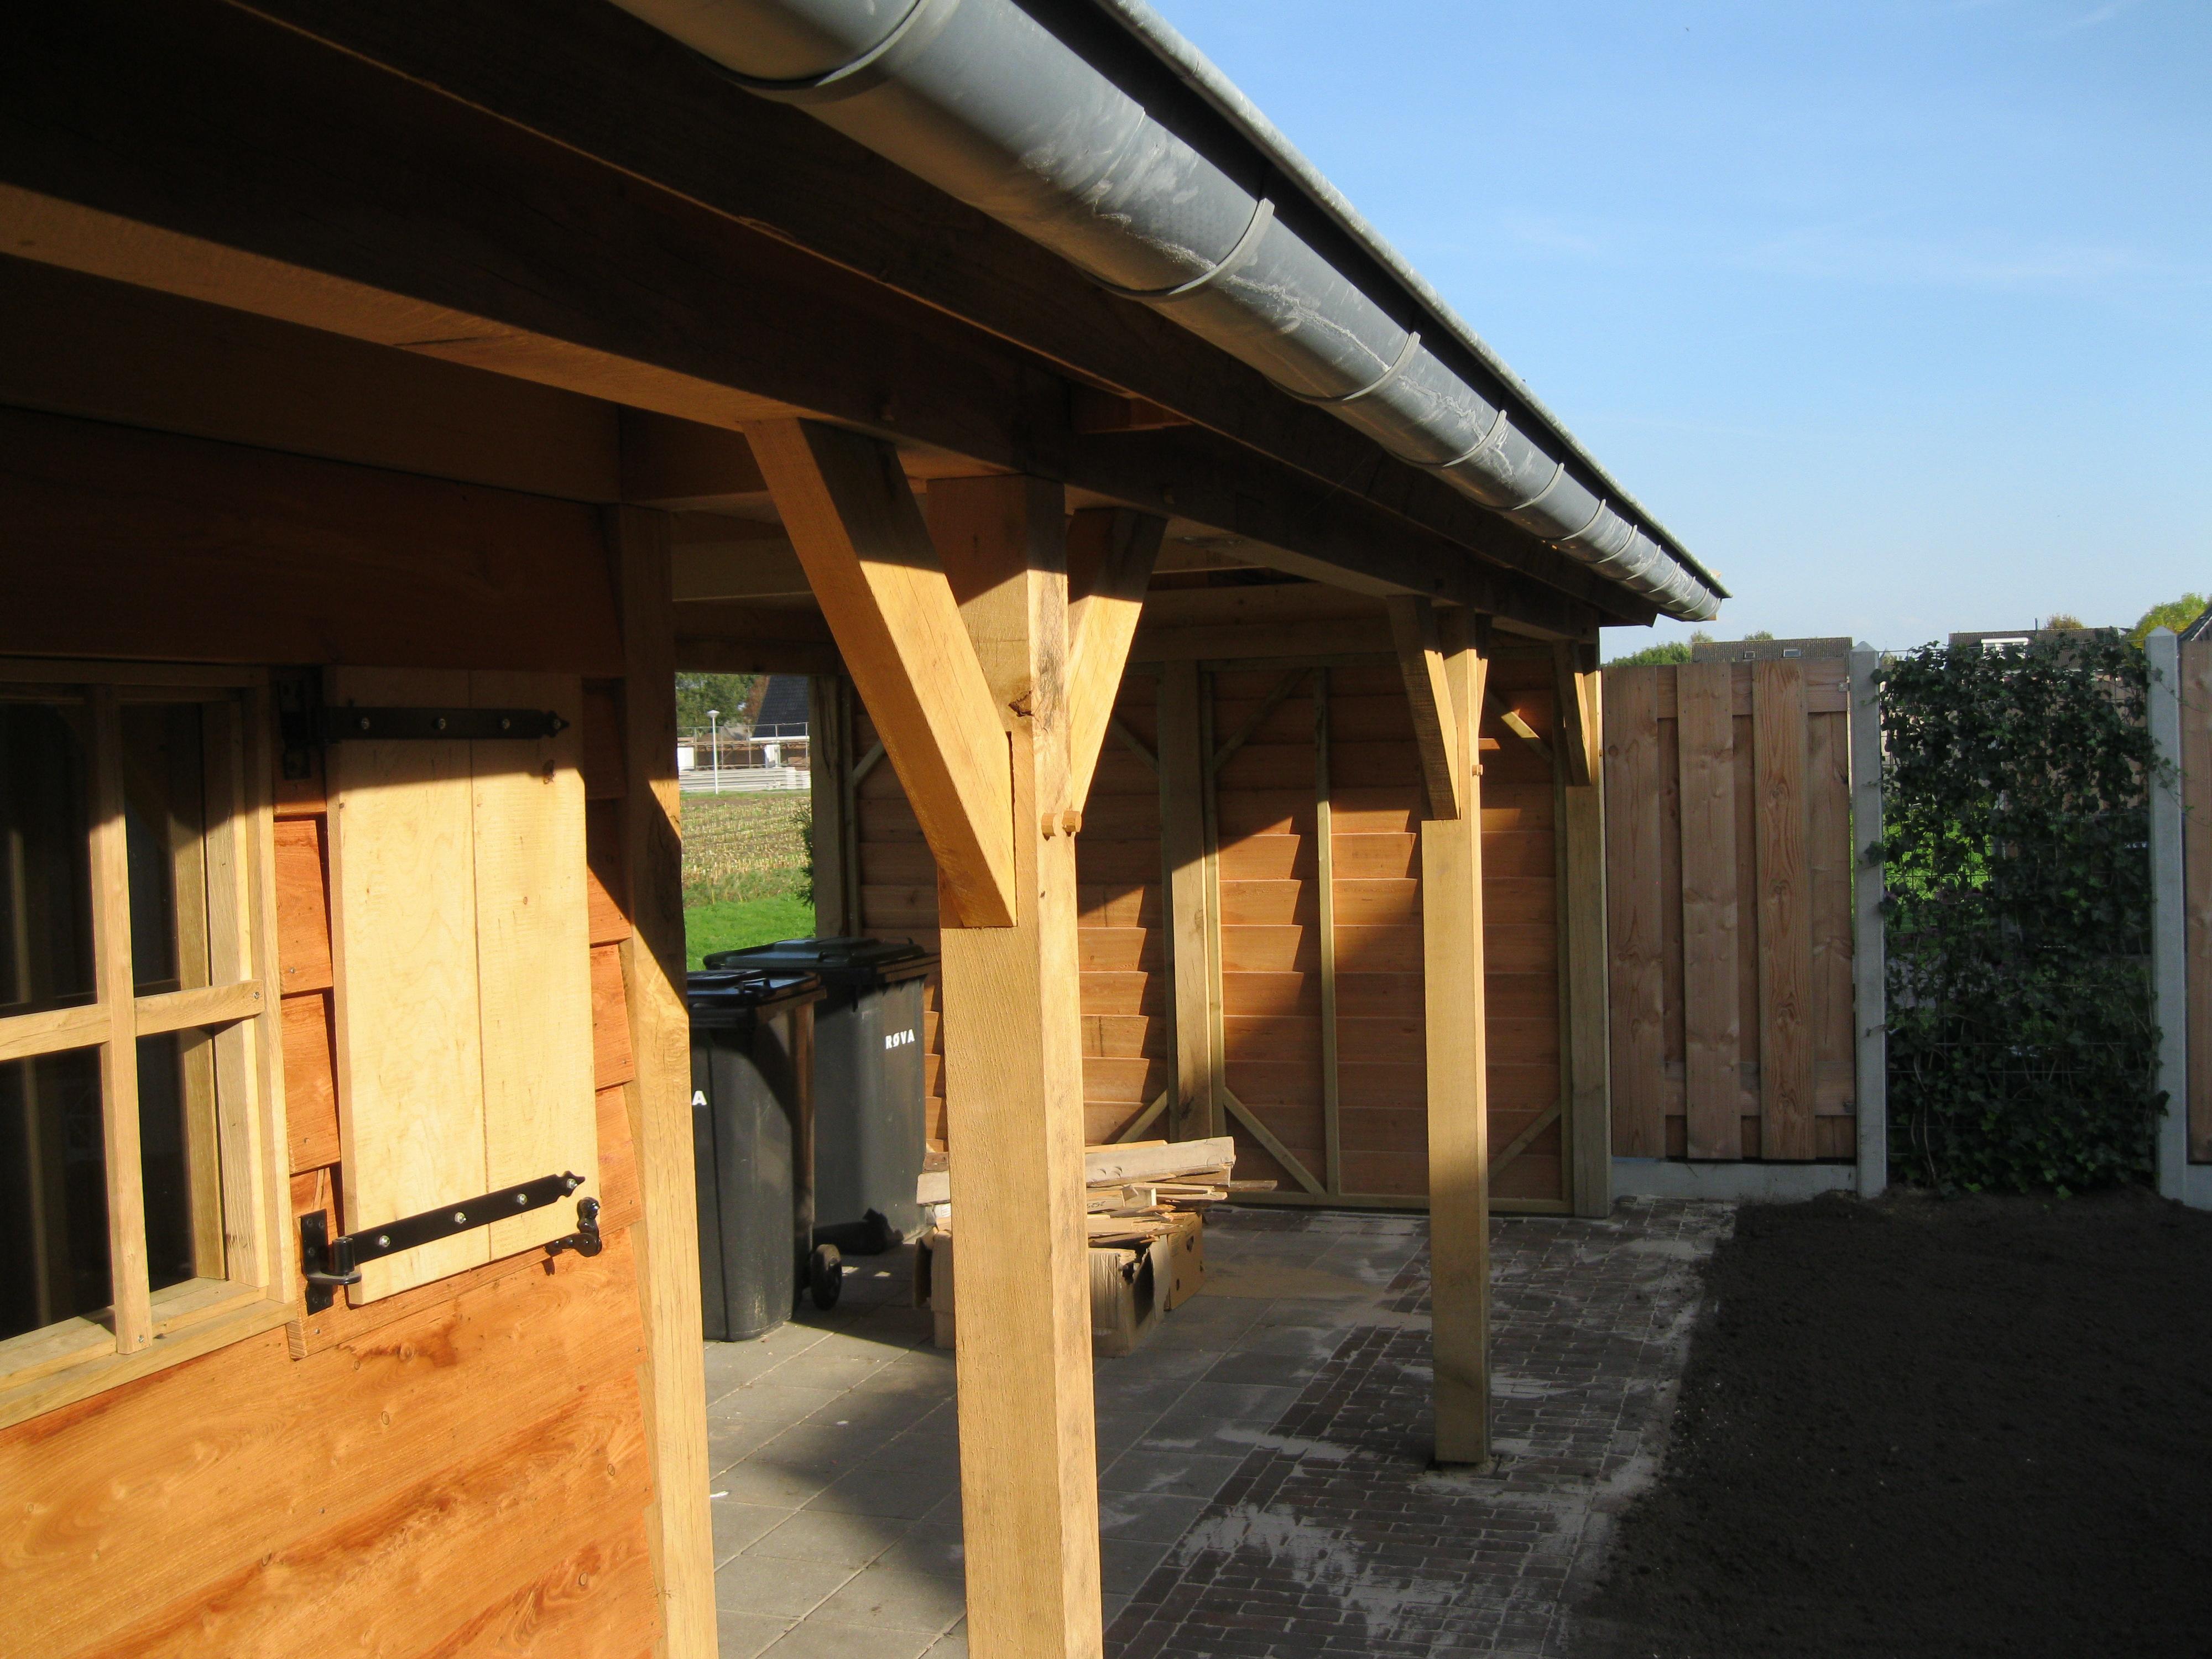 houten_tuinhuis_met_veranda_(8) - Eikenhouten tuinhuis met veranda als bouwpakket geleverd.